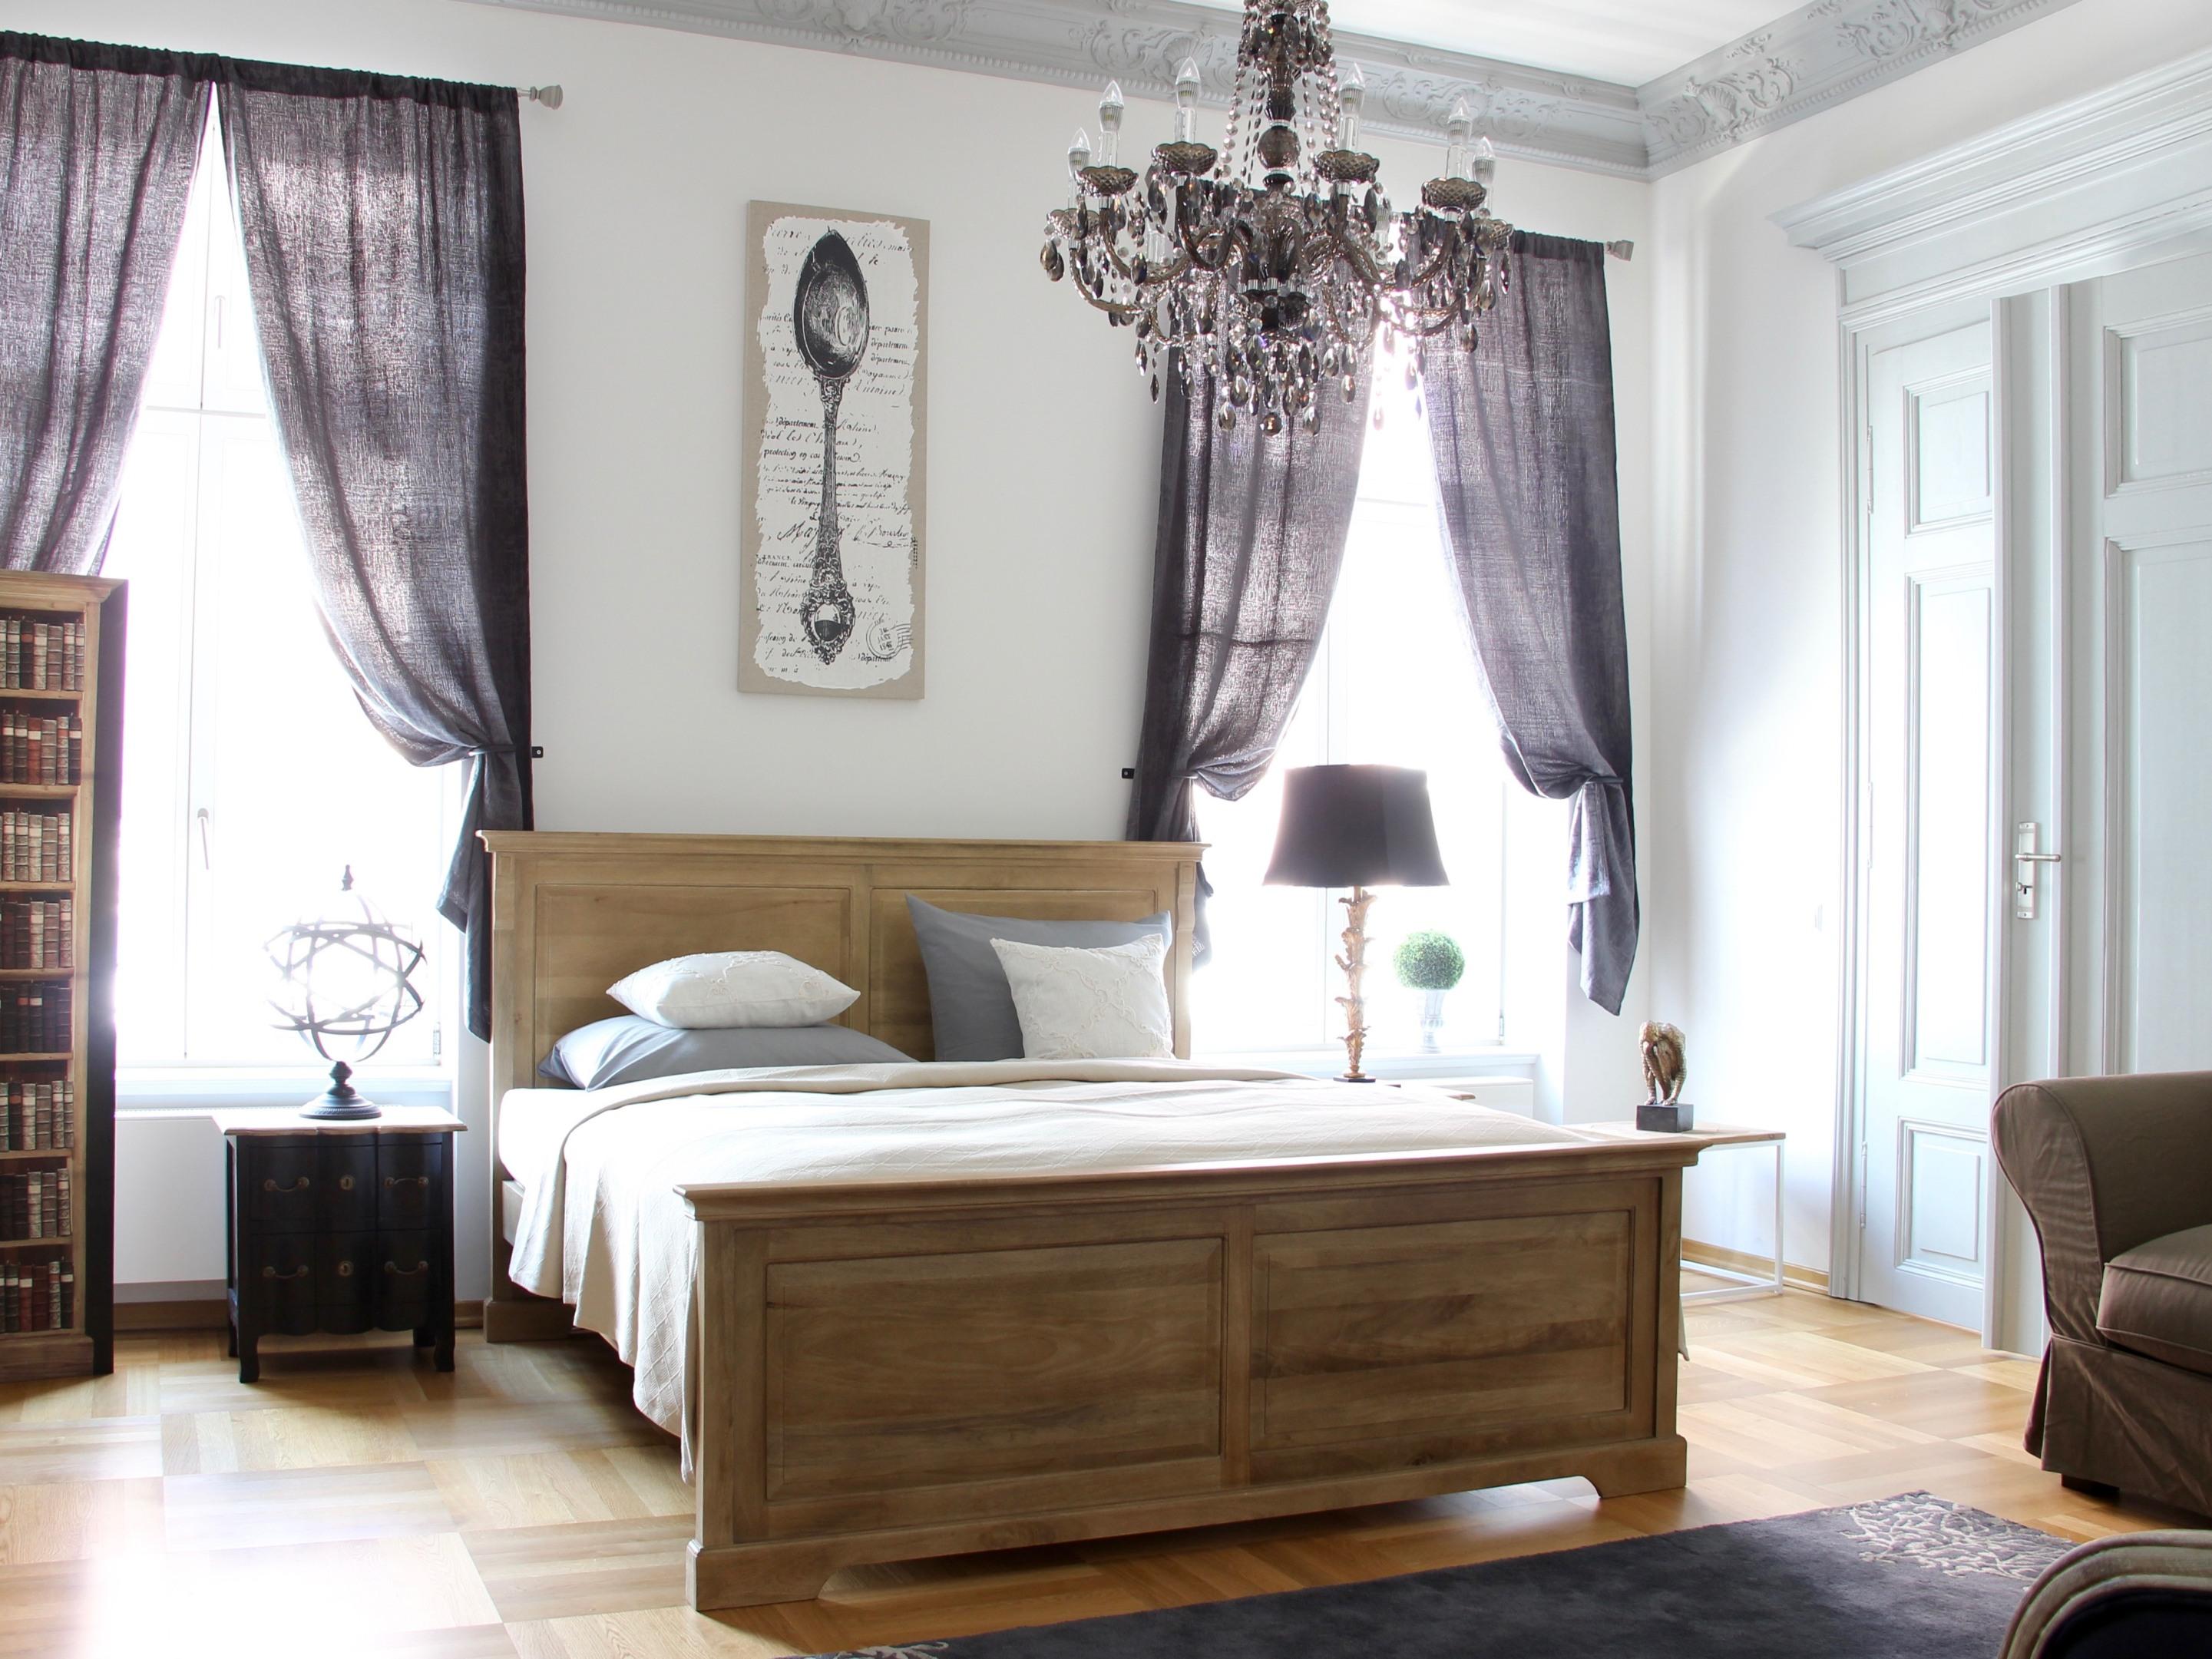 Apartment-Deluxe-Eigenes Badezimmer-Pfaffendorfer Str. 1 - Basistarif